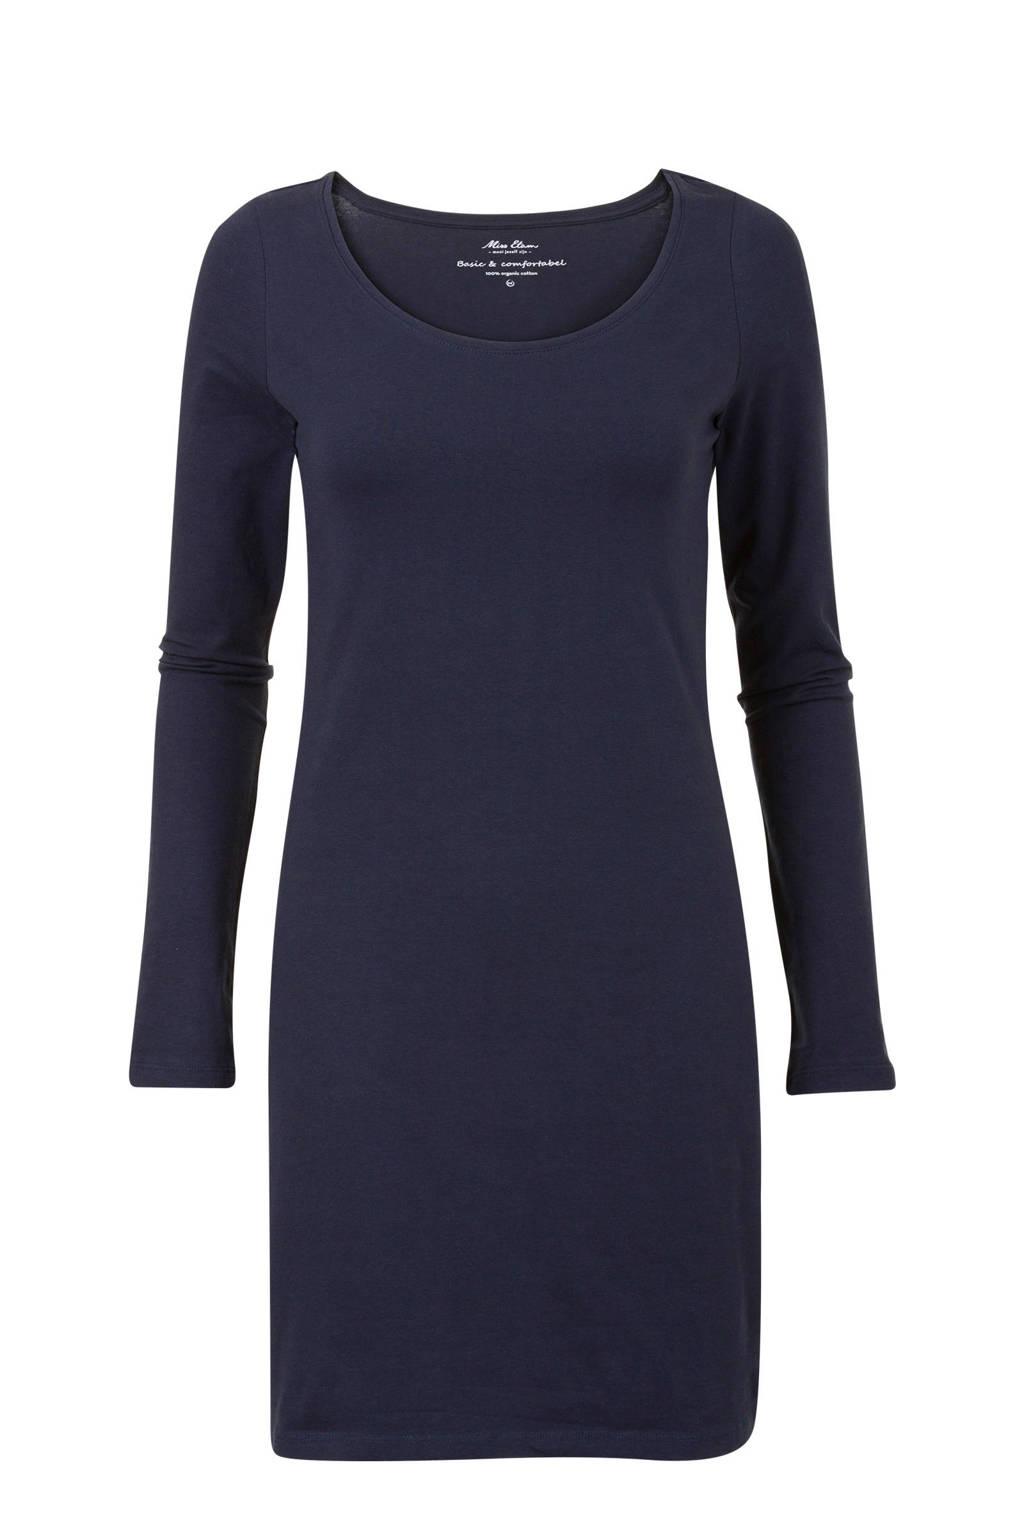 Miss Etam Lang lang T-shirt, Donkerblauw